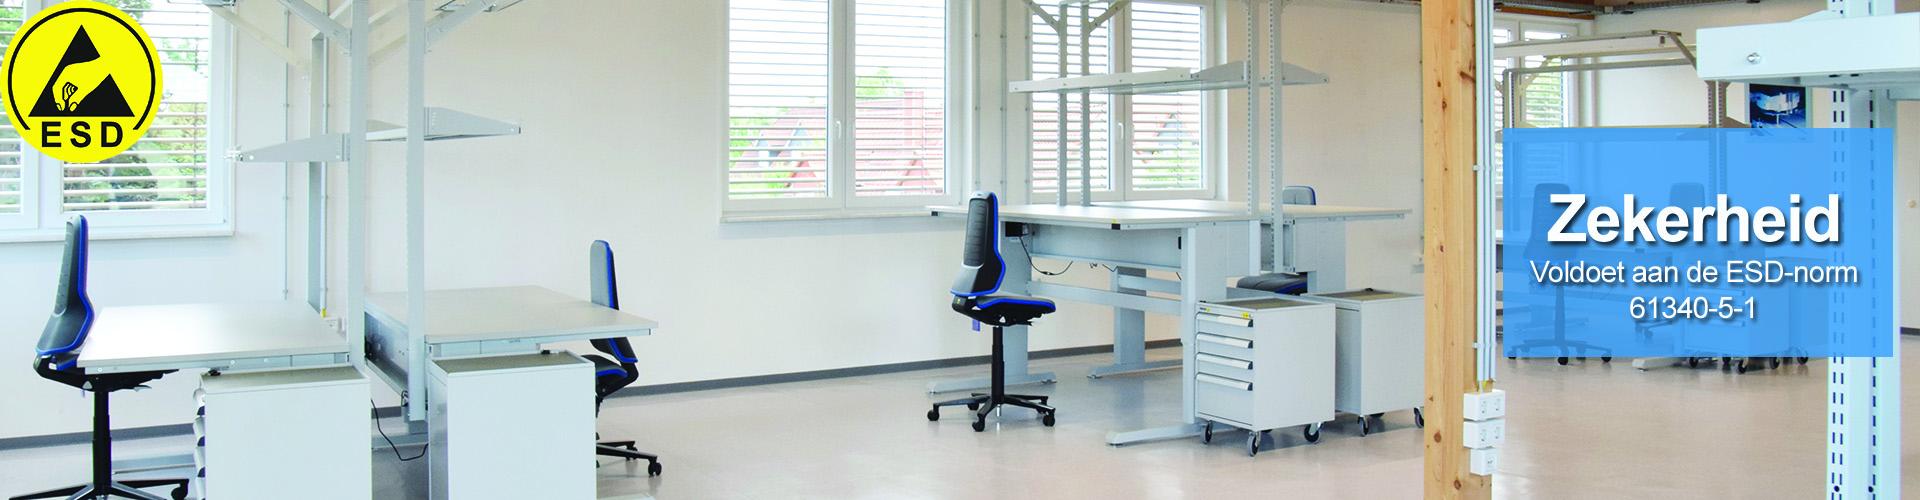 Sovella Nederland Treston ESD ladekasten verrijdbaar bij ESD werktafel